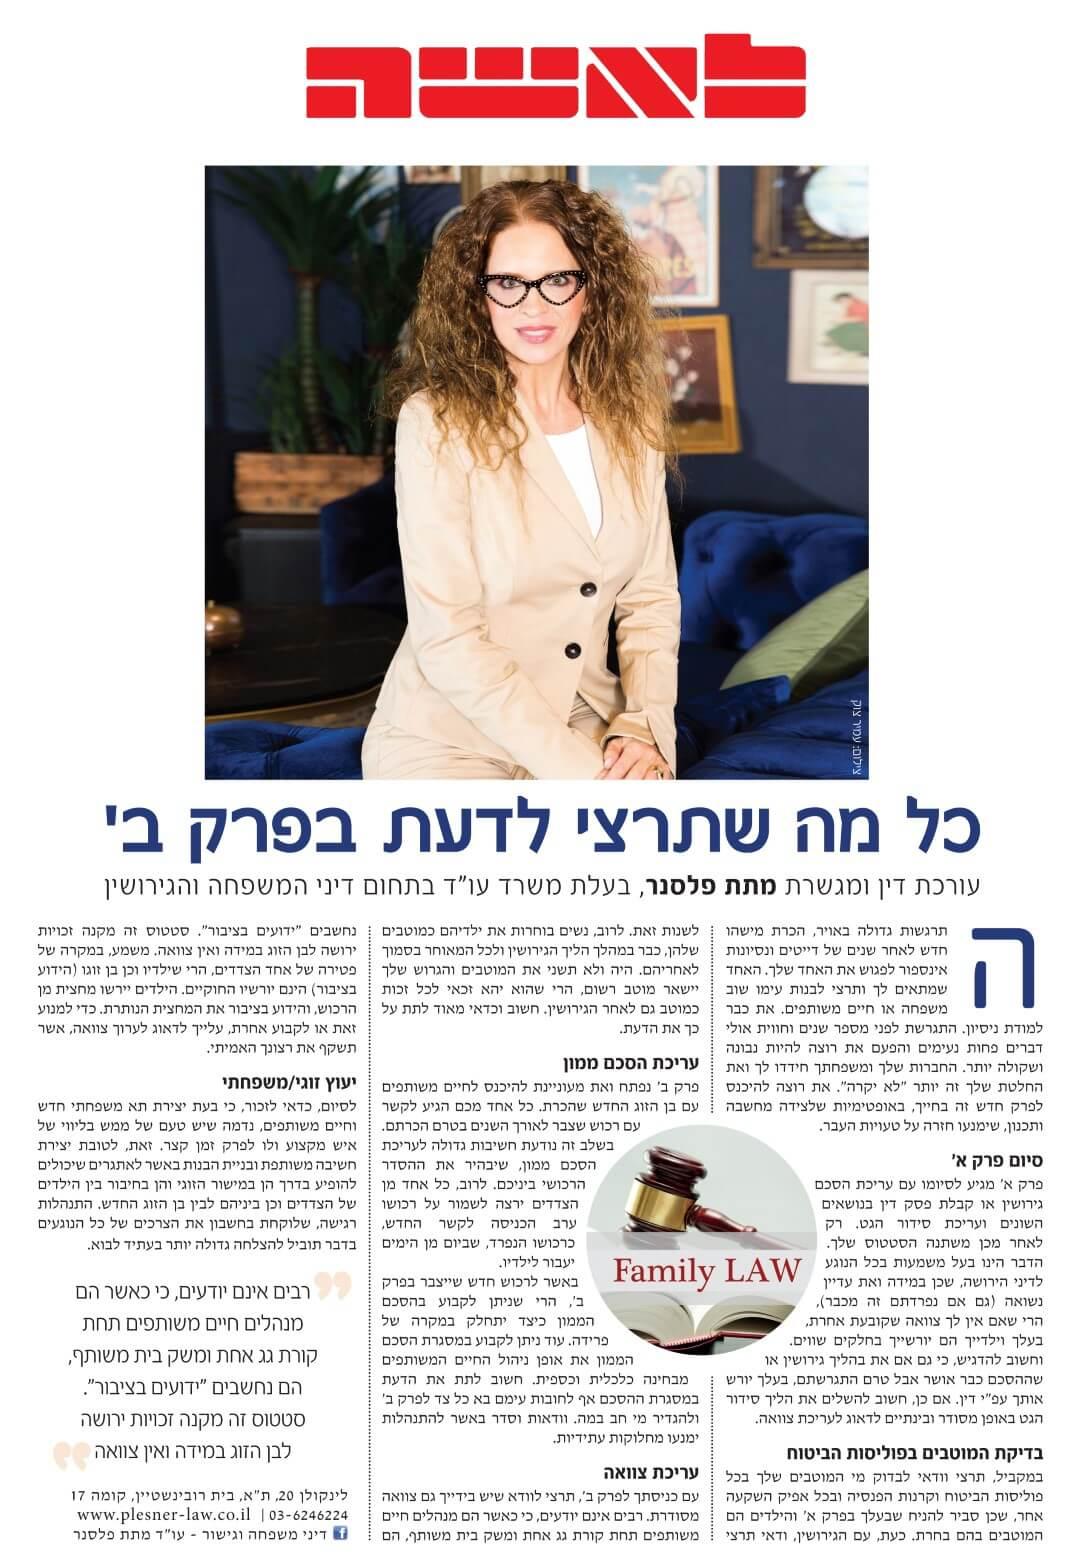 מתת פלסנר במגזין לאשה